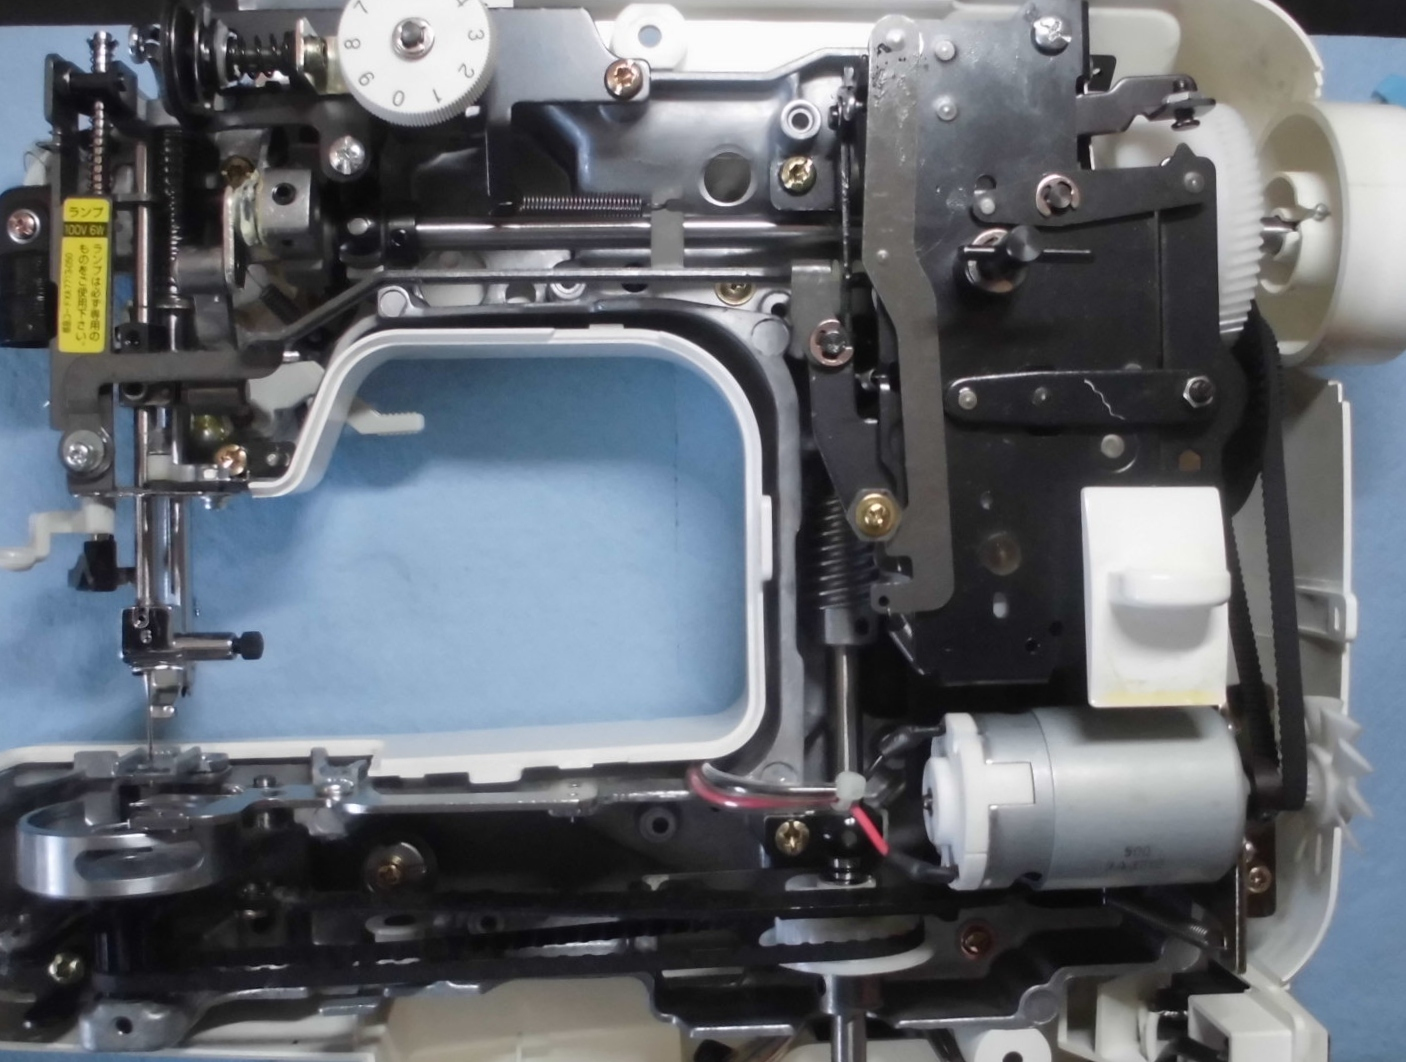 ブラザーミシンEL130 JODYの分解オーバーホールメンテナンス修理